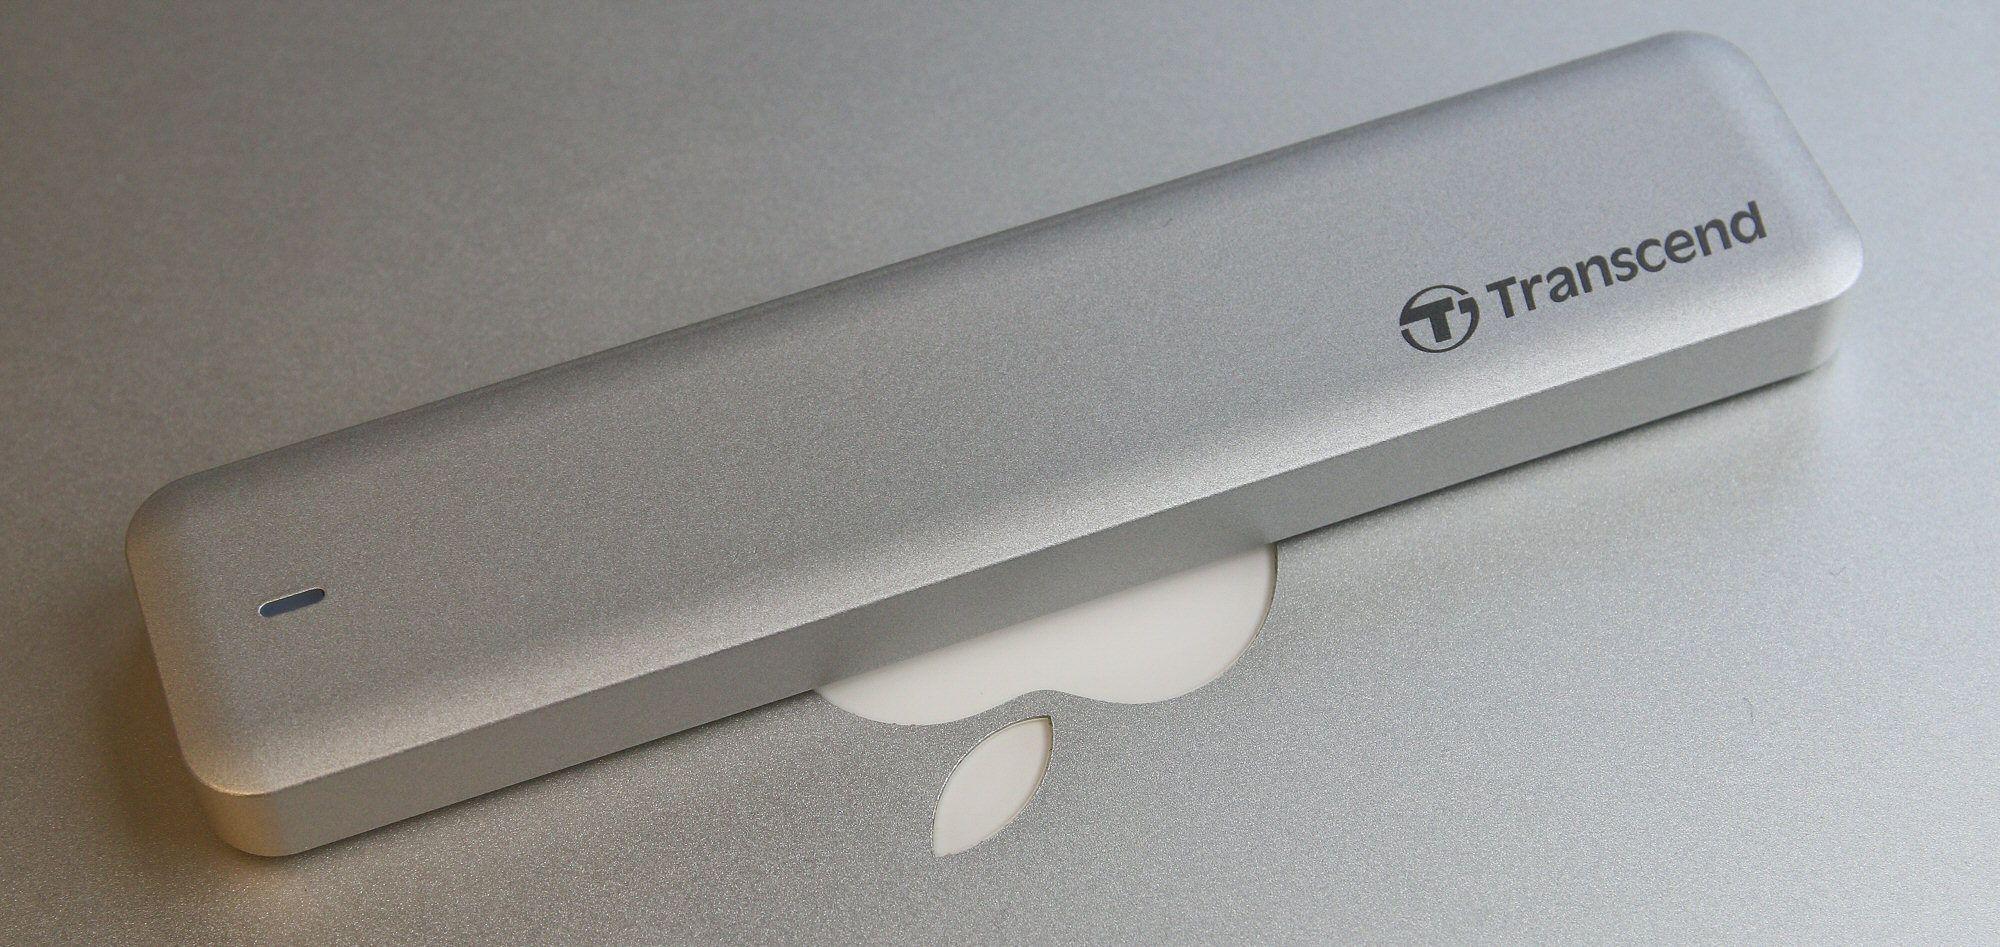 Med eksternt kabinett i matchende metall er det klart at JetDrive er skapt for Mac.Foto: Vegar Jansen, Hardware.no